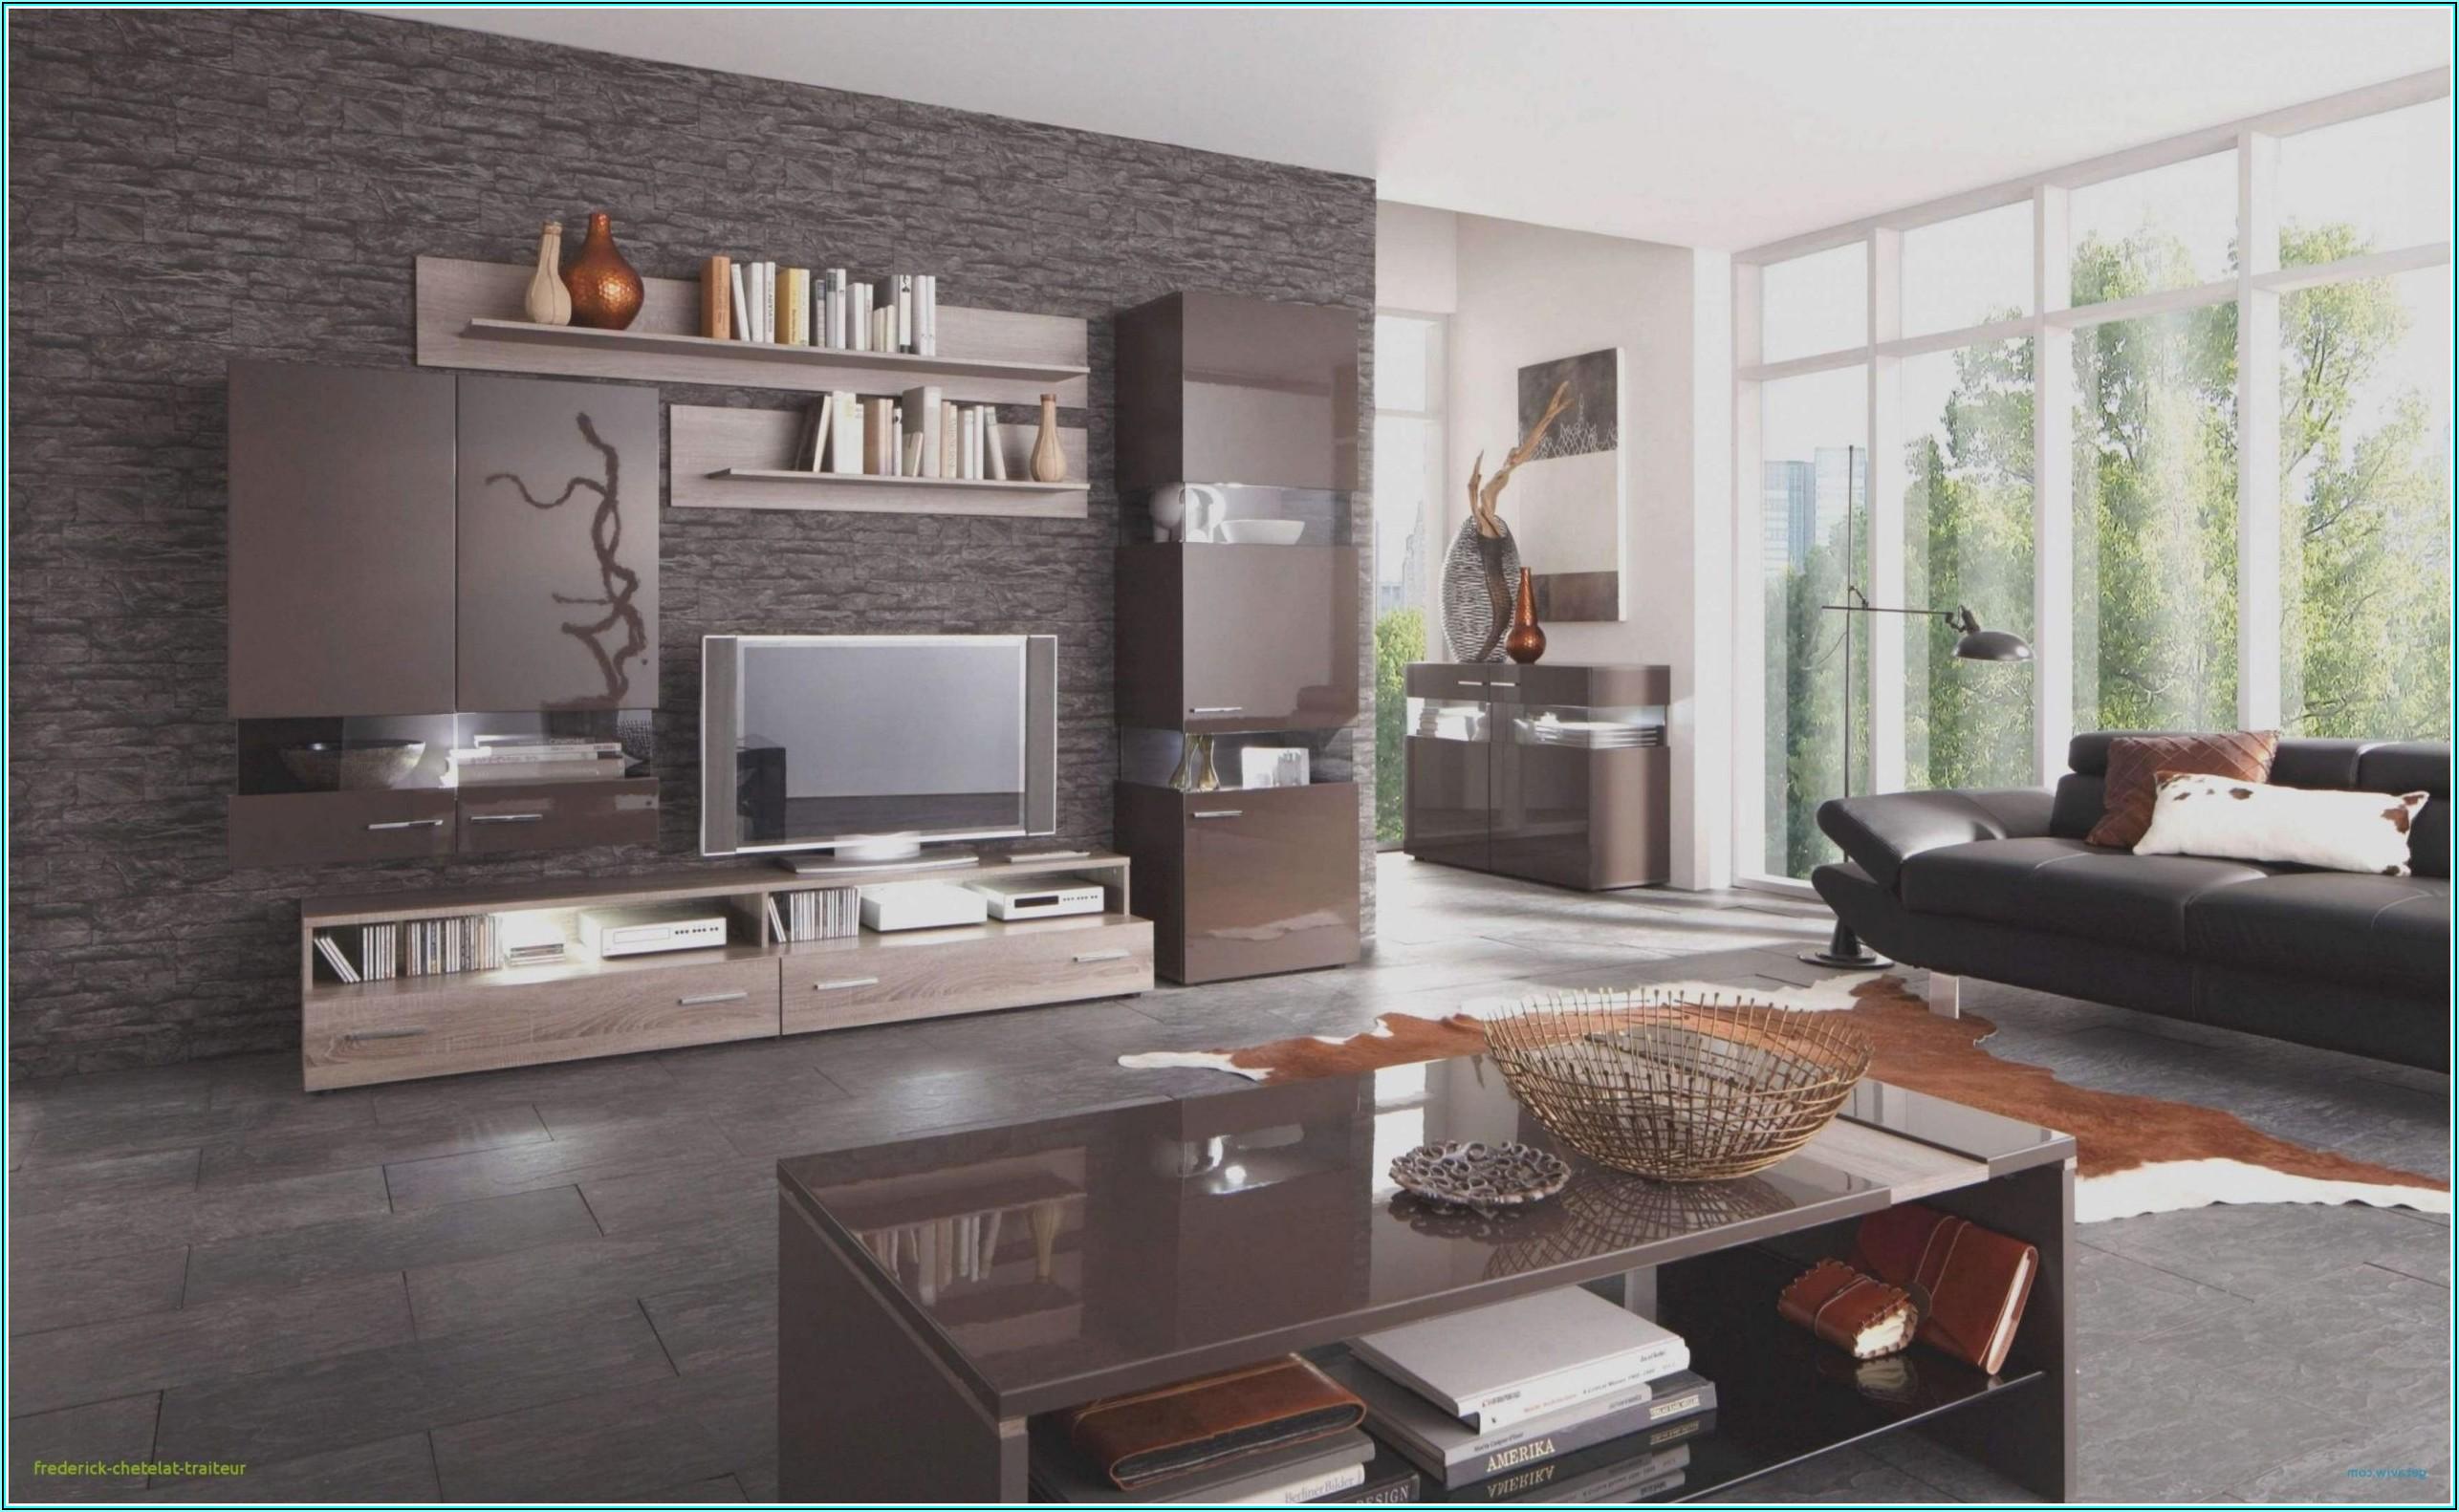 Dekorative Bilder Wohnzimmer